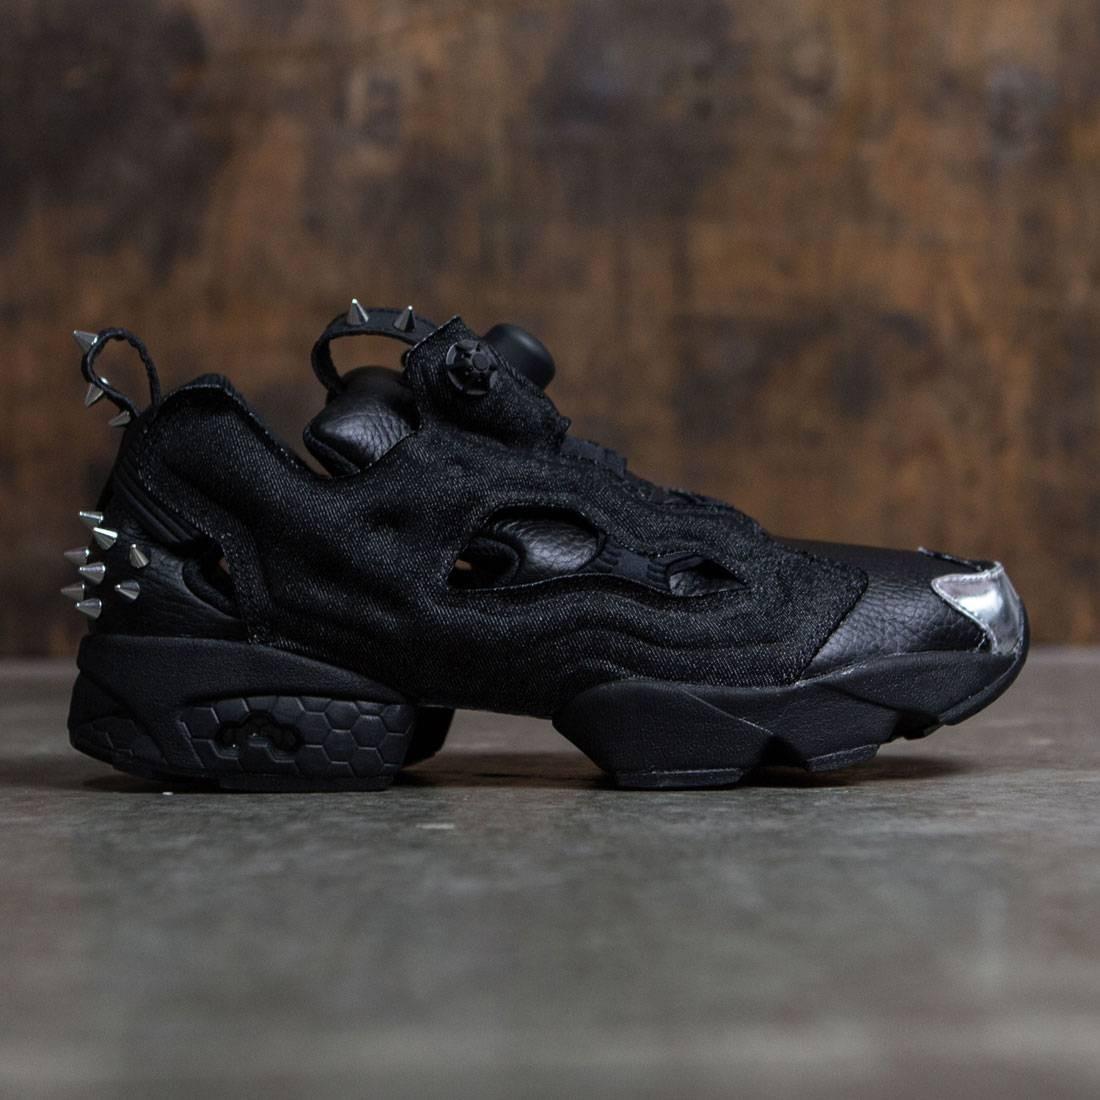 099c50f3de9 Reebok Men InstaPump Fury OG Halloween (black   siliver metallic)